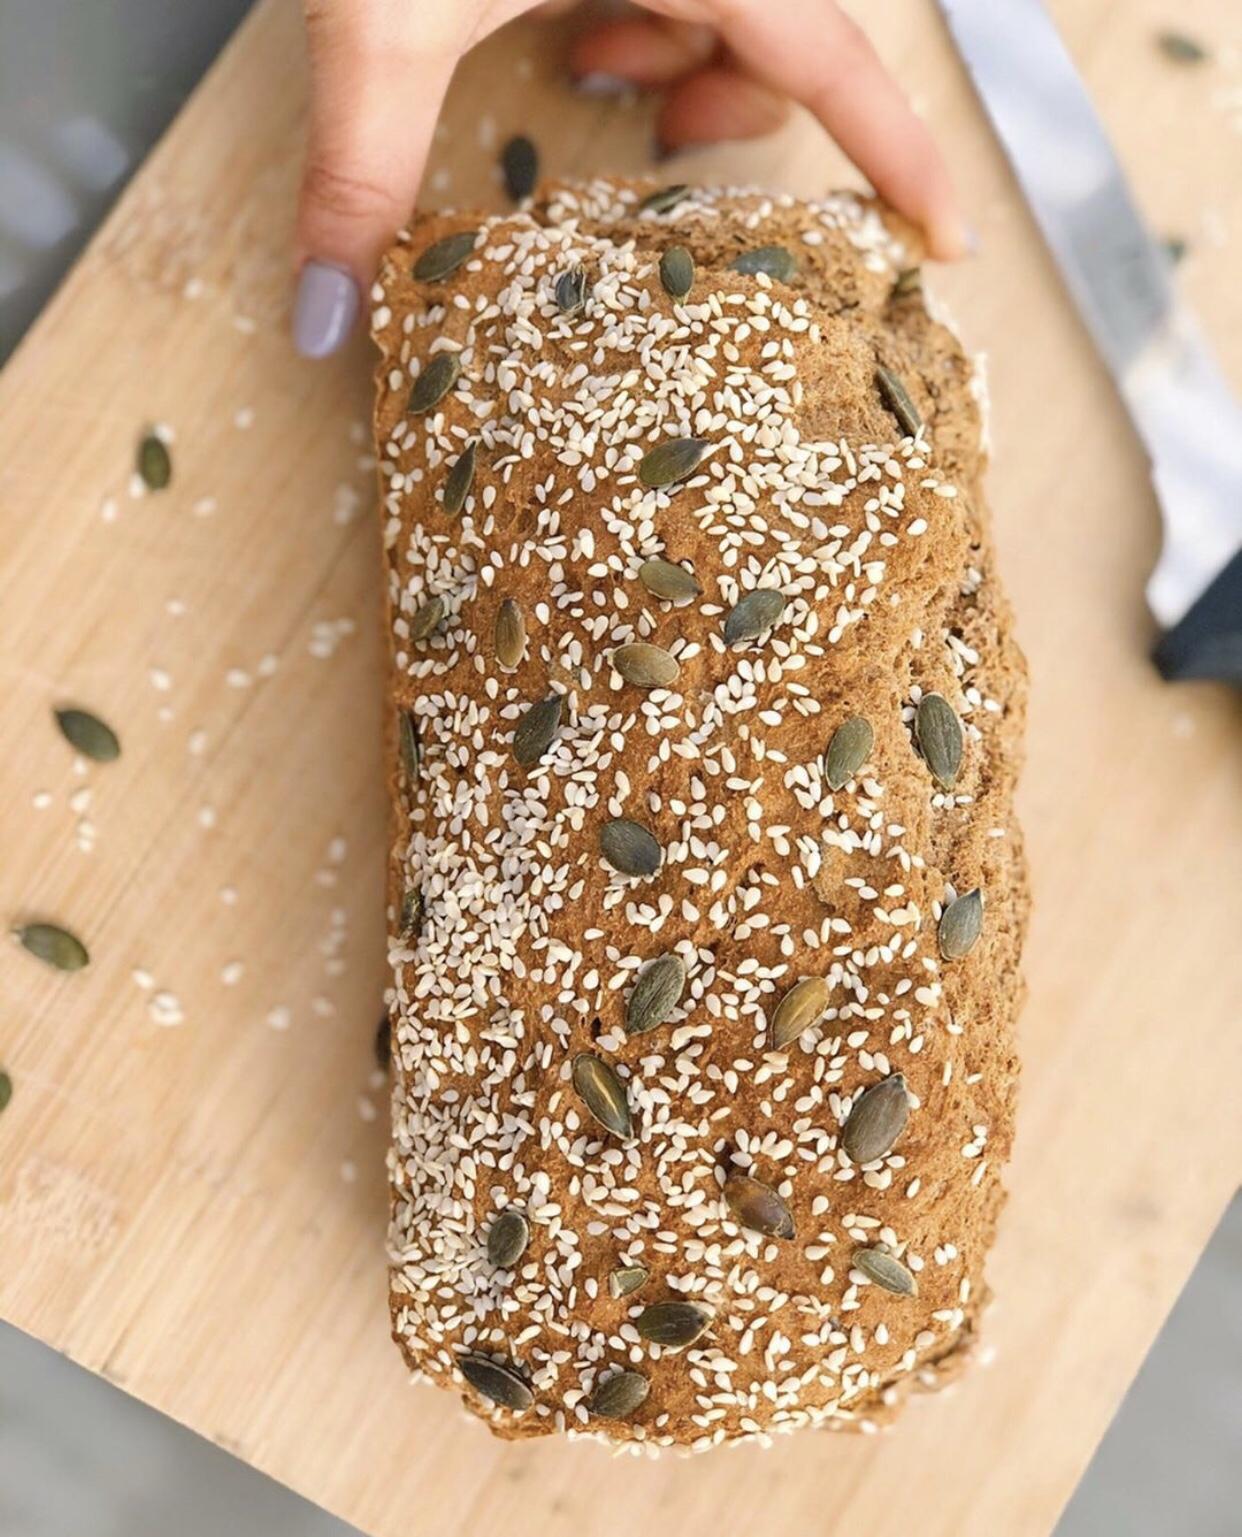 לחם בריא מכוסמין מלא מהיר להכנה